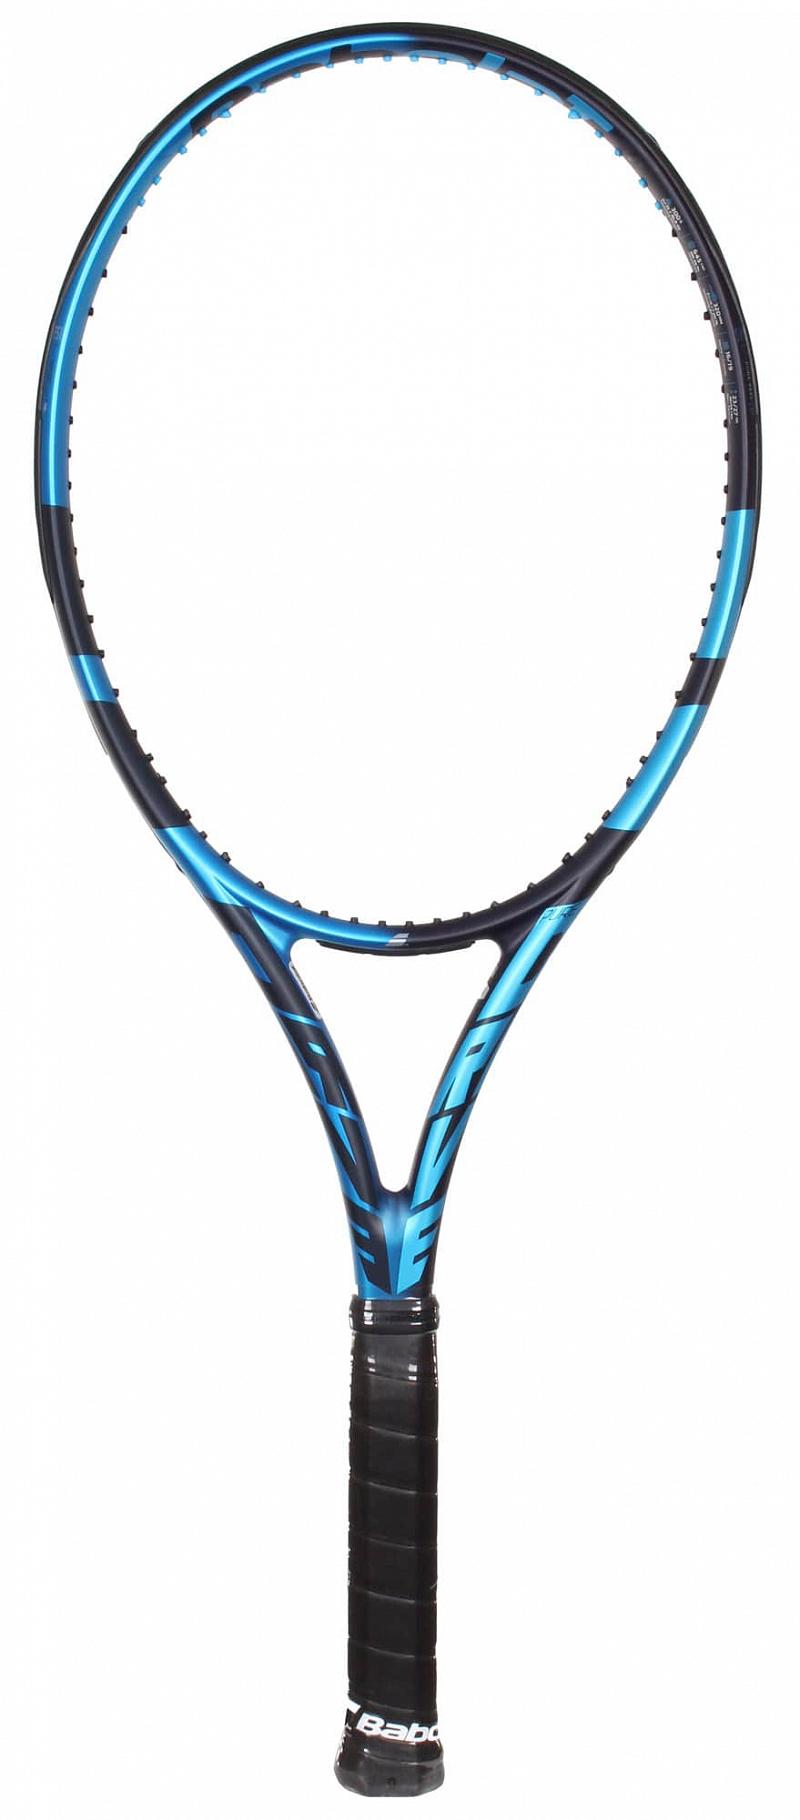 Pure Drive Lite 2021 tenisová raketa grip: G2